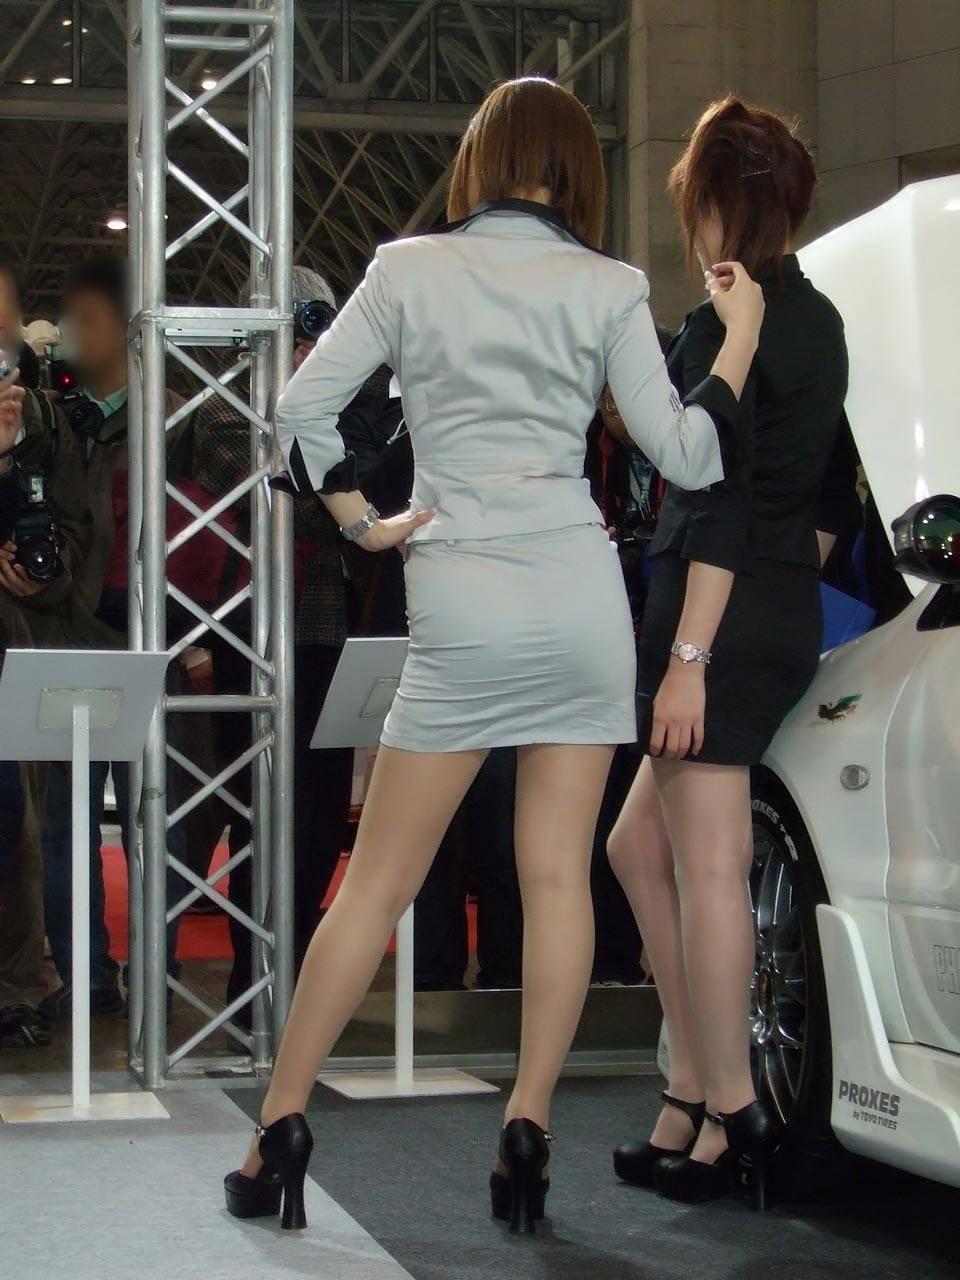 ピチピチなタイトスカートOLパンティライン画像12枚目